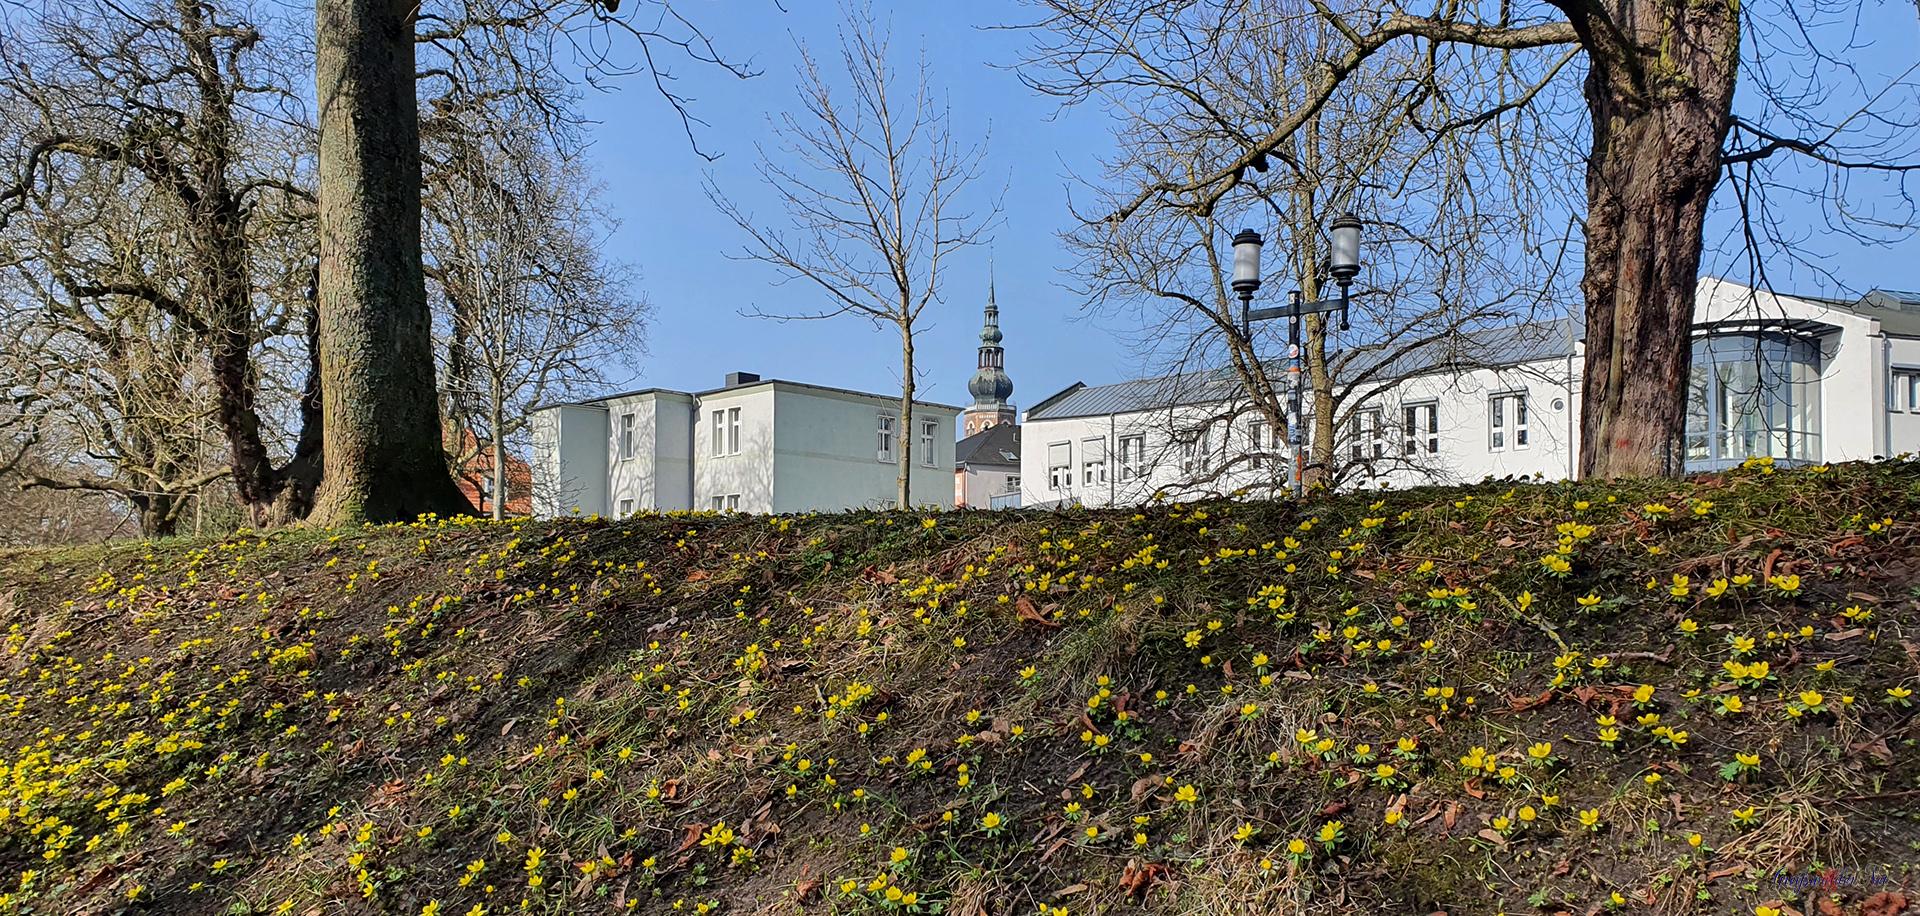 Frühlingswetter in Greifswald - Blick zum Dom St. Nikolai